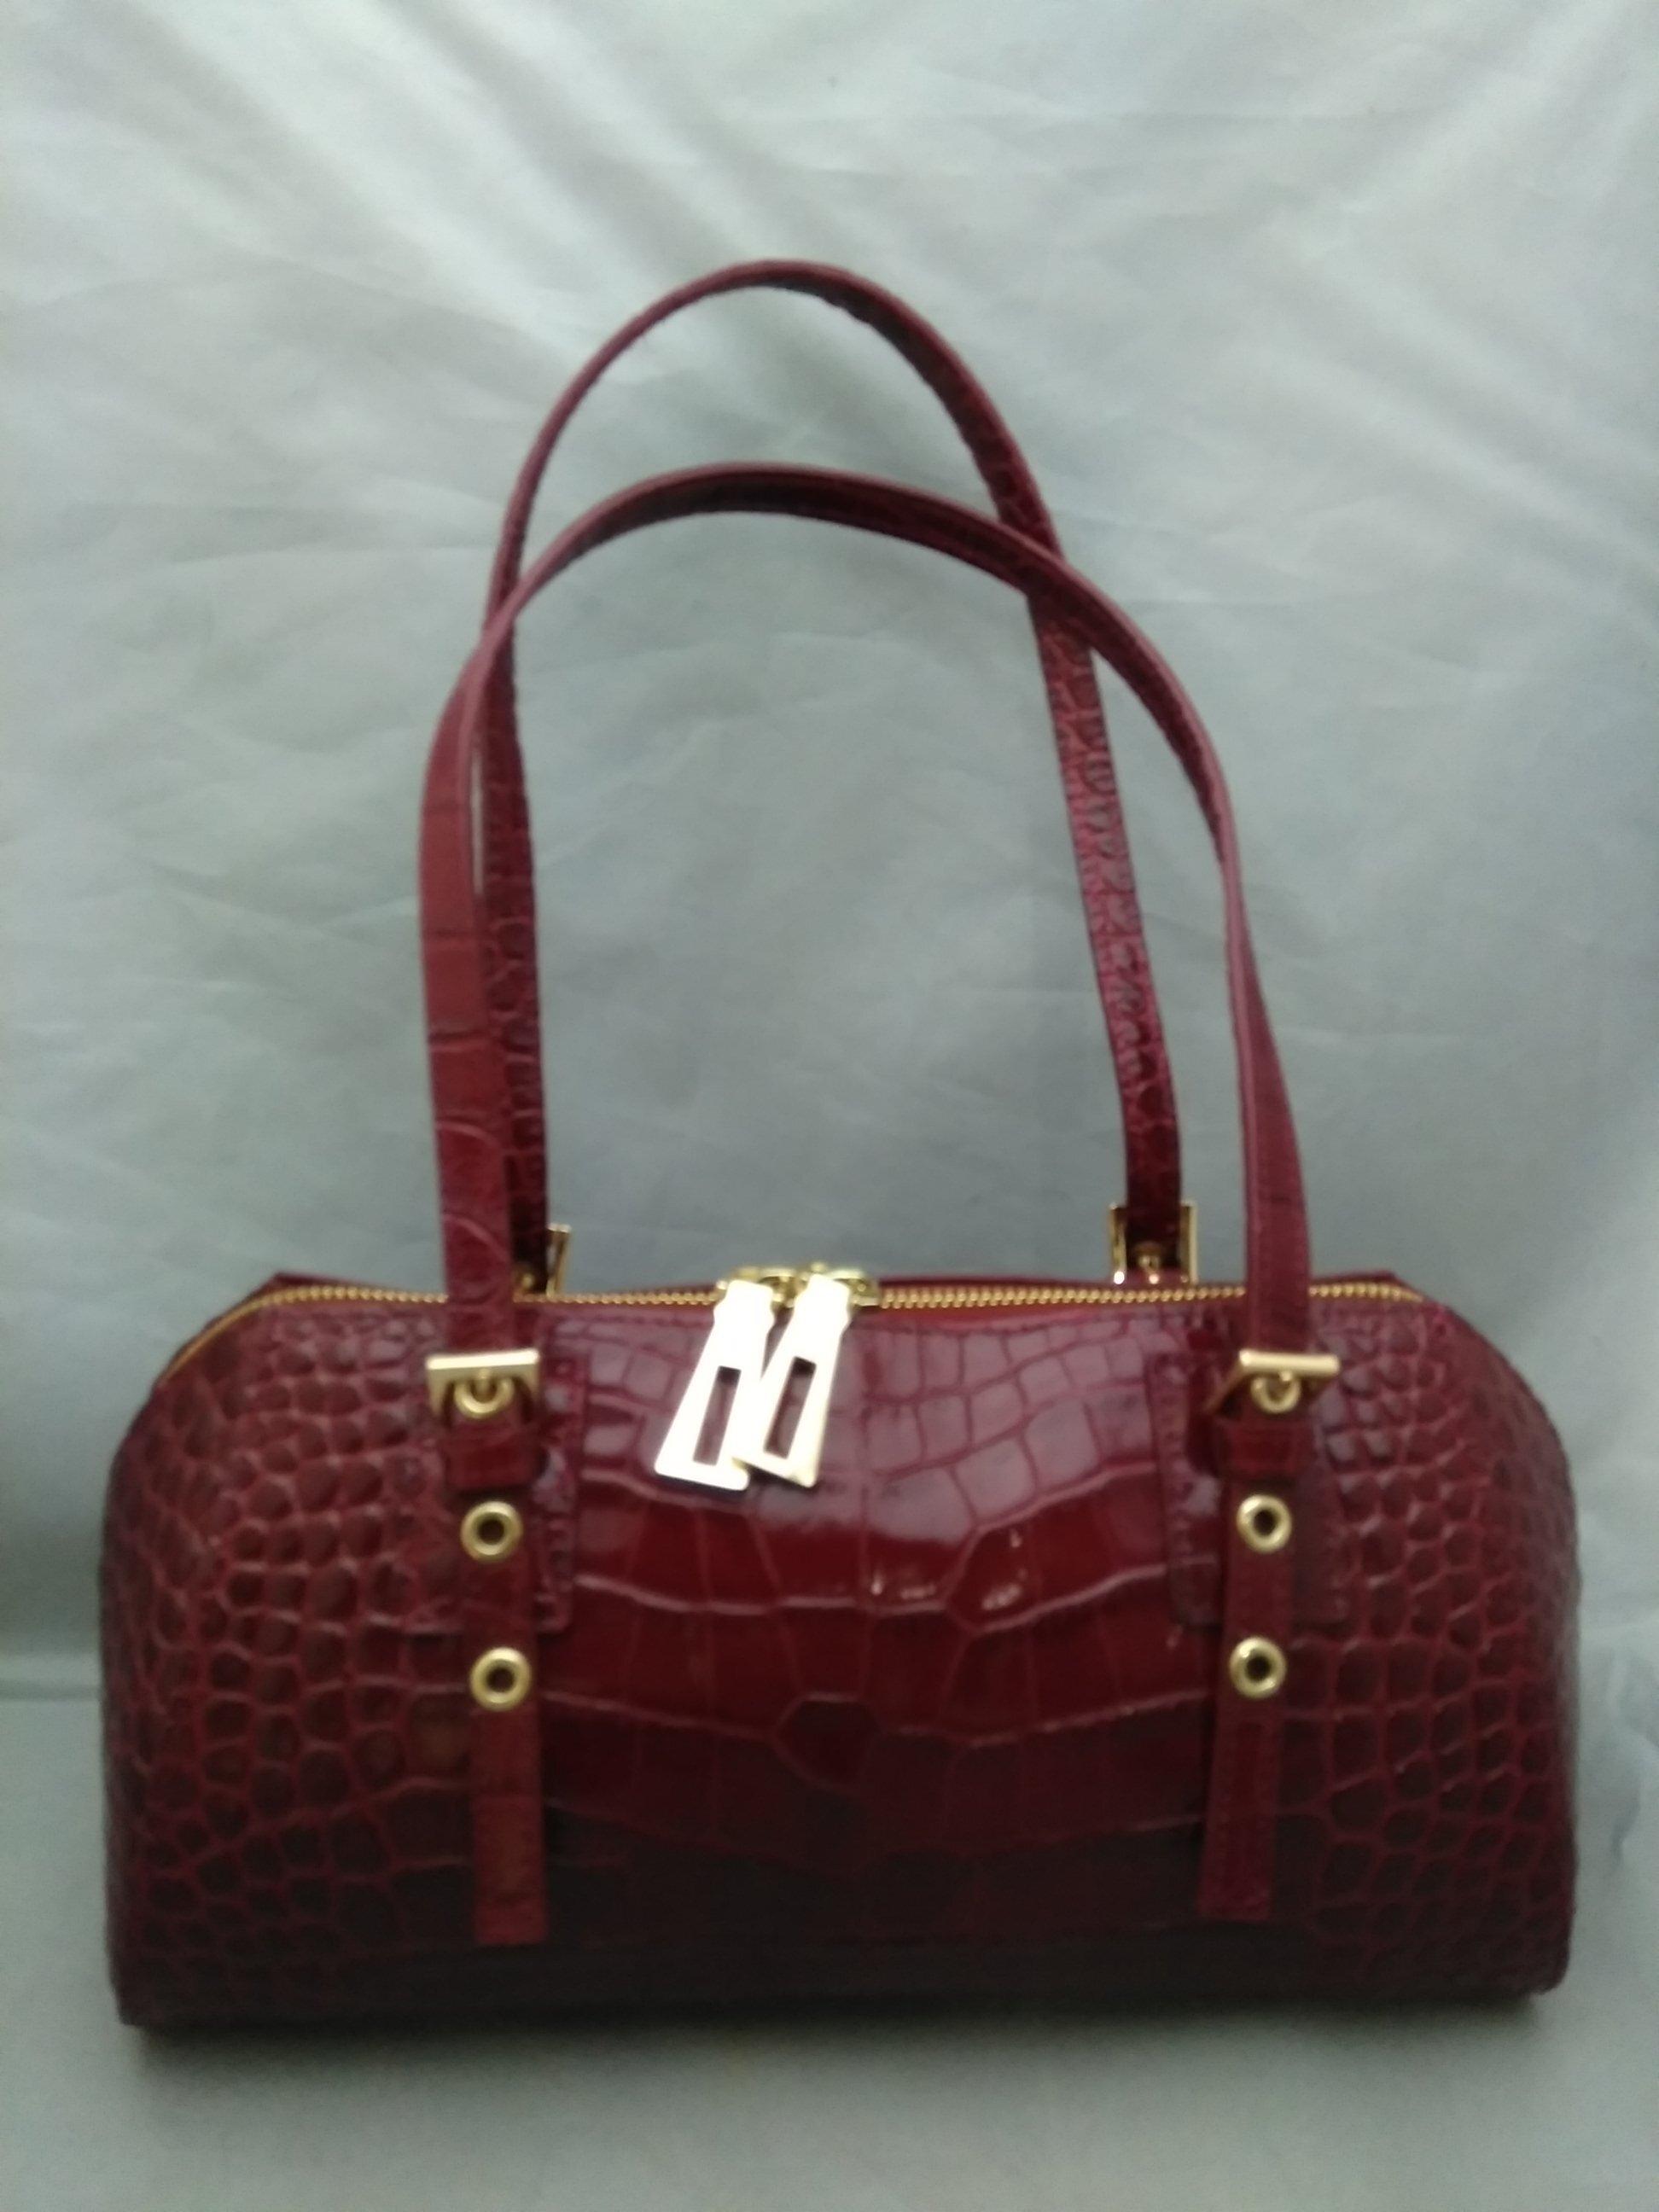 ファルチ ニューヨーク ハンドバッグ 革 ワインレッド mu974c